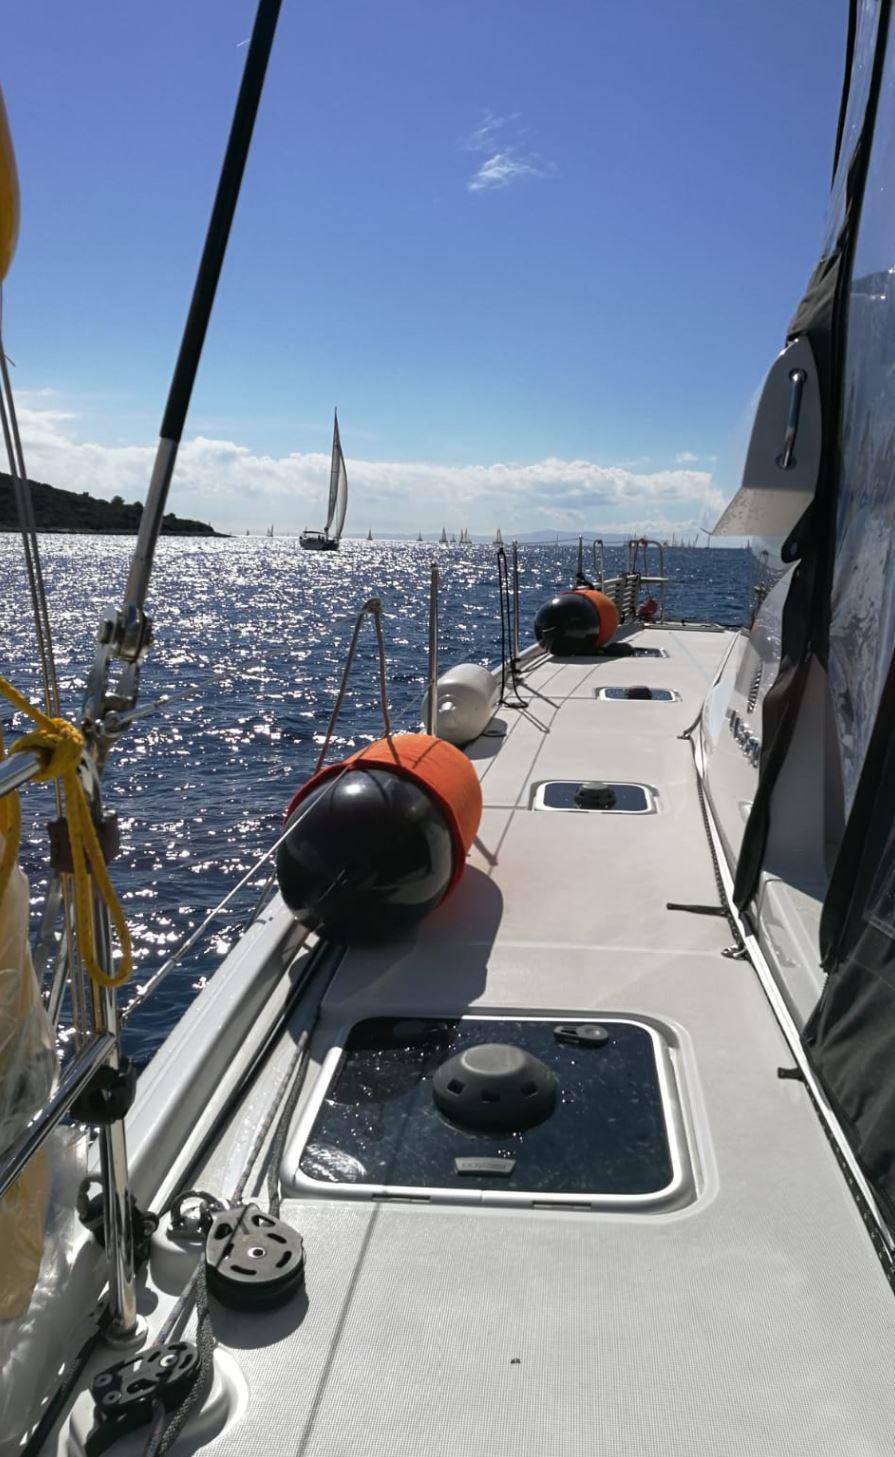 Urlaub Segeltörn ist auch Anspruchsvoll - Wir holen Segelschiff ein